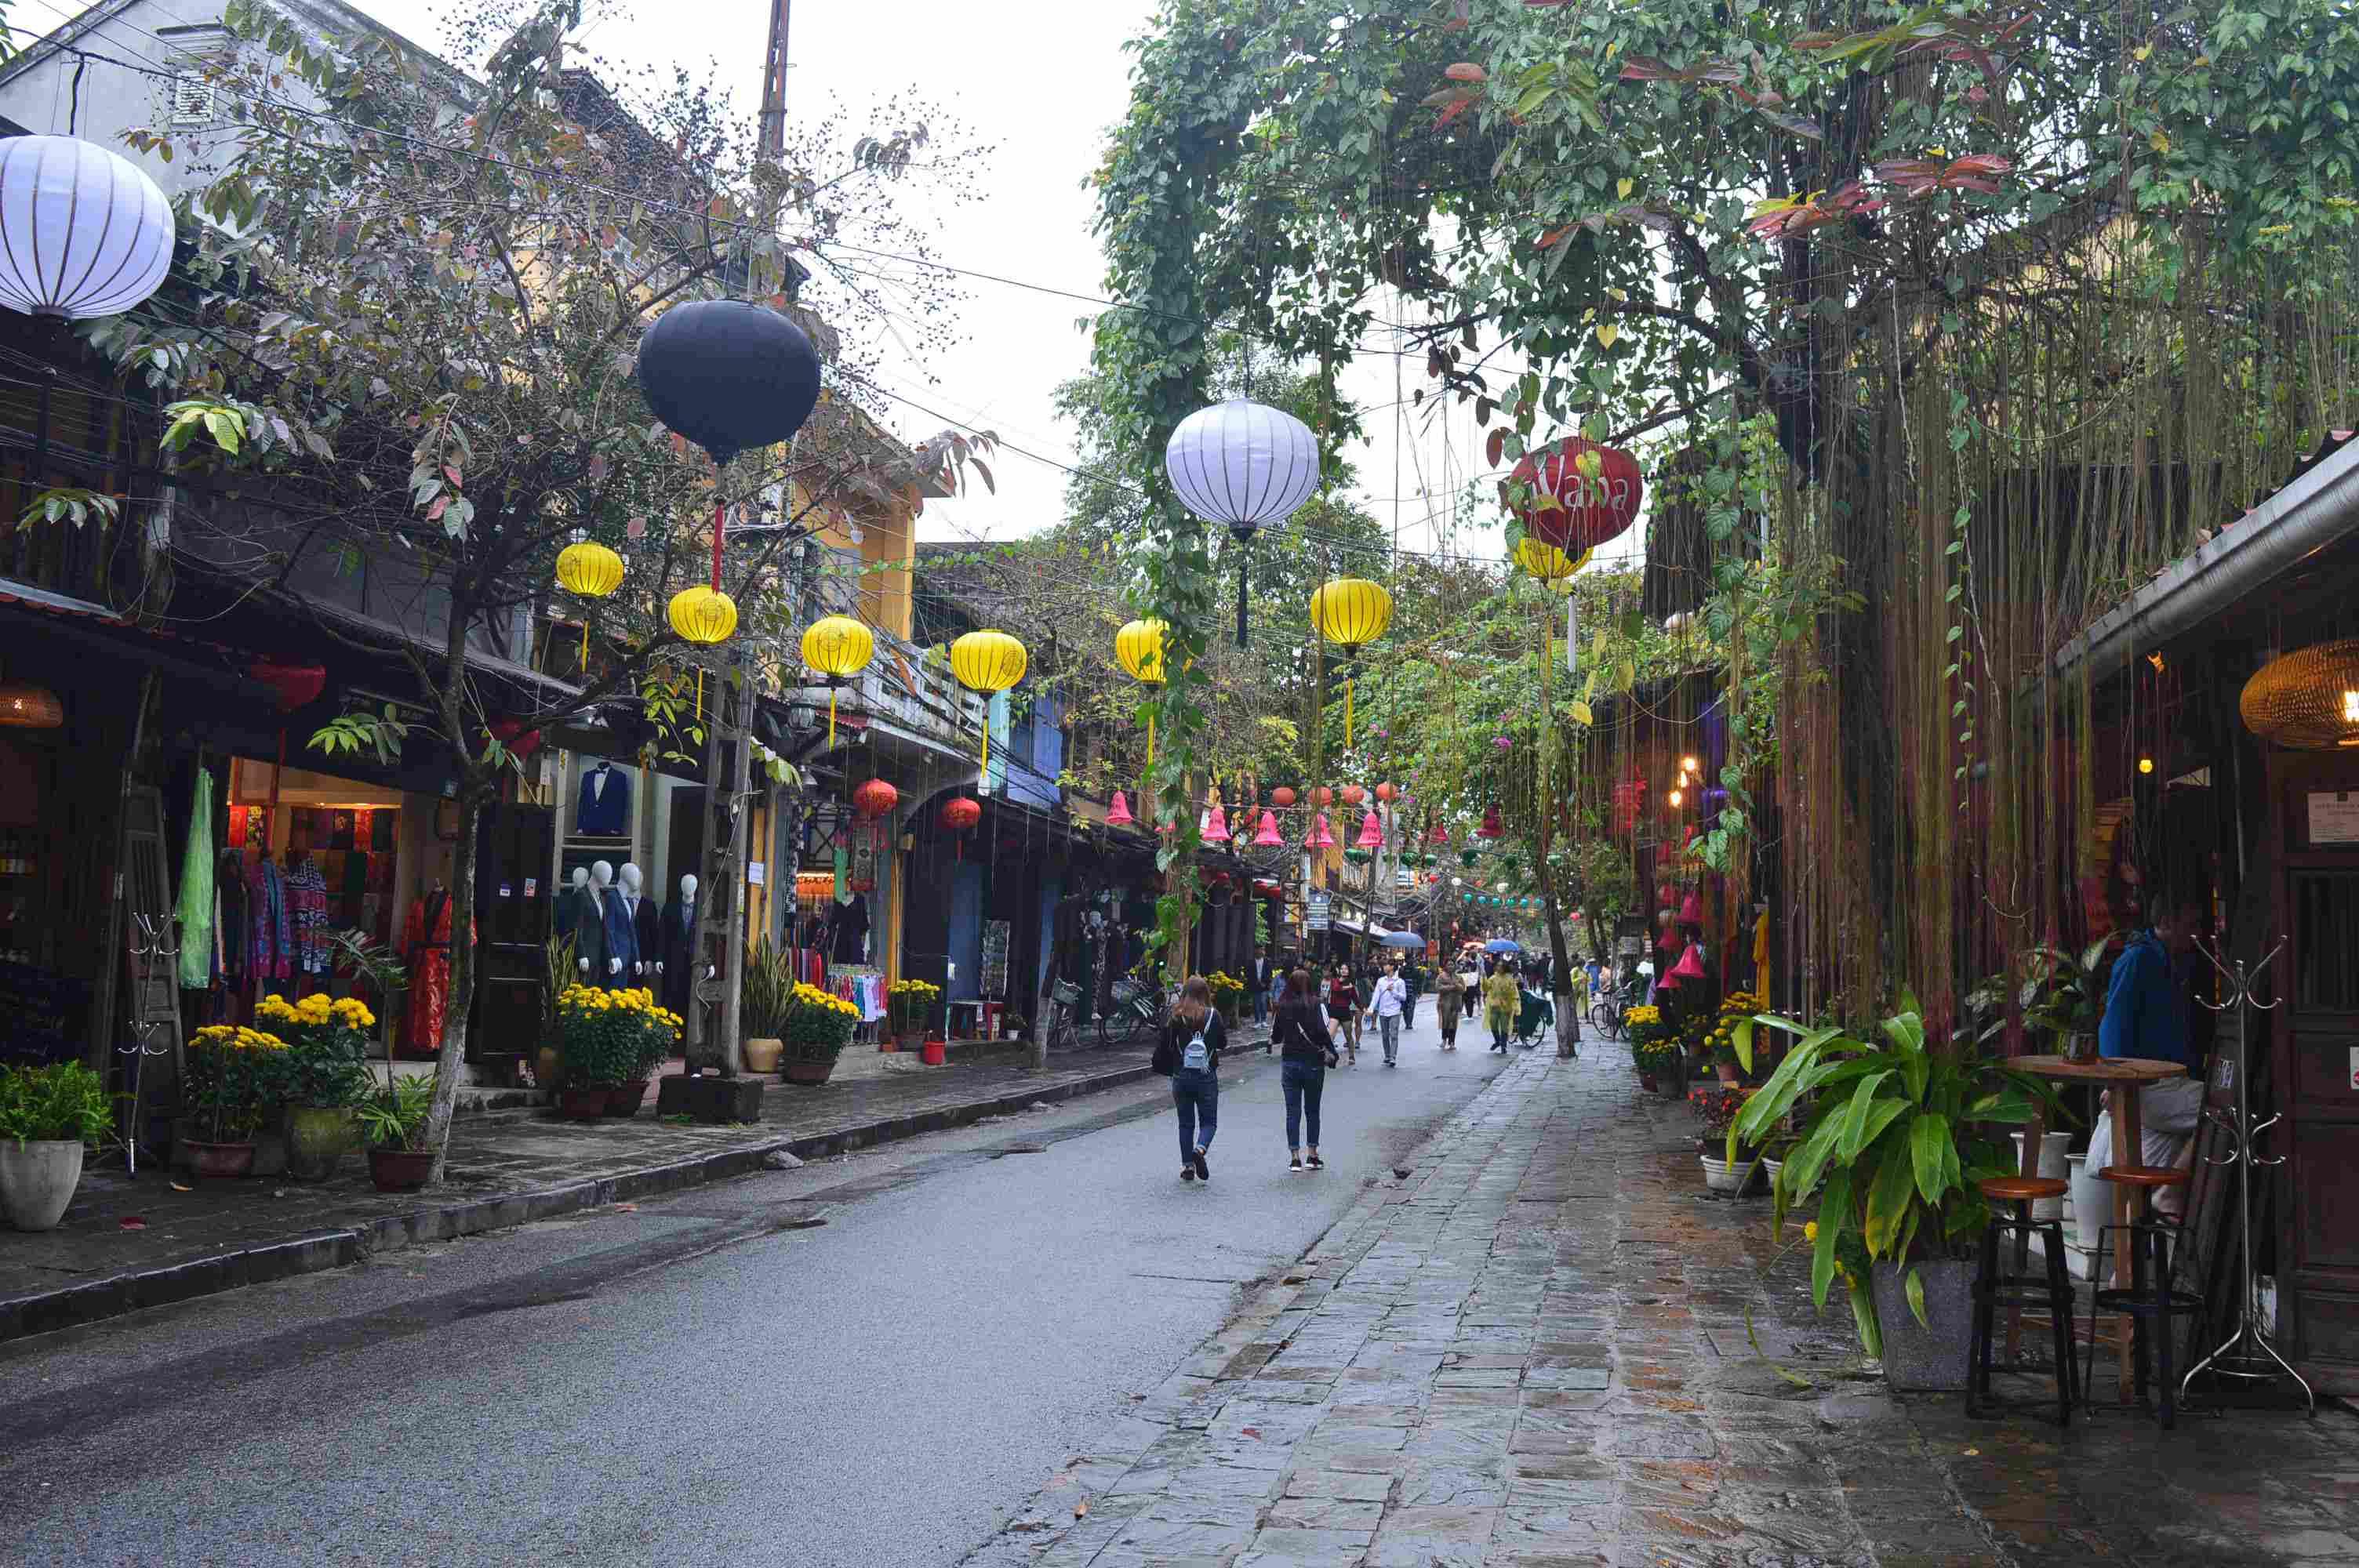 Một con đường trong khu vực phố cổ Hội An. Ảnh: Q.T